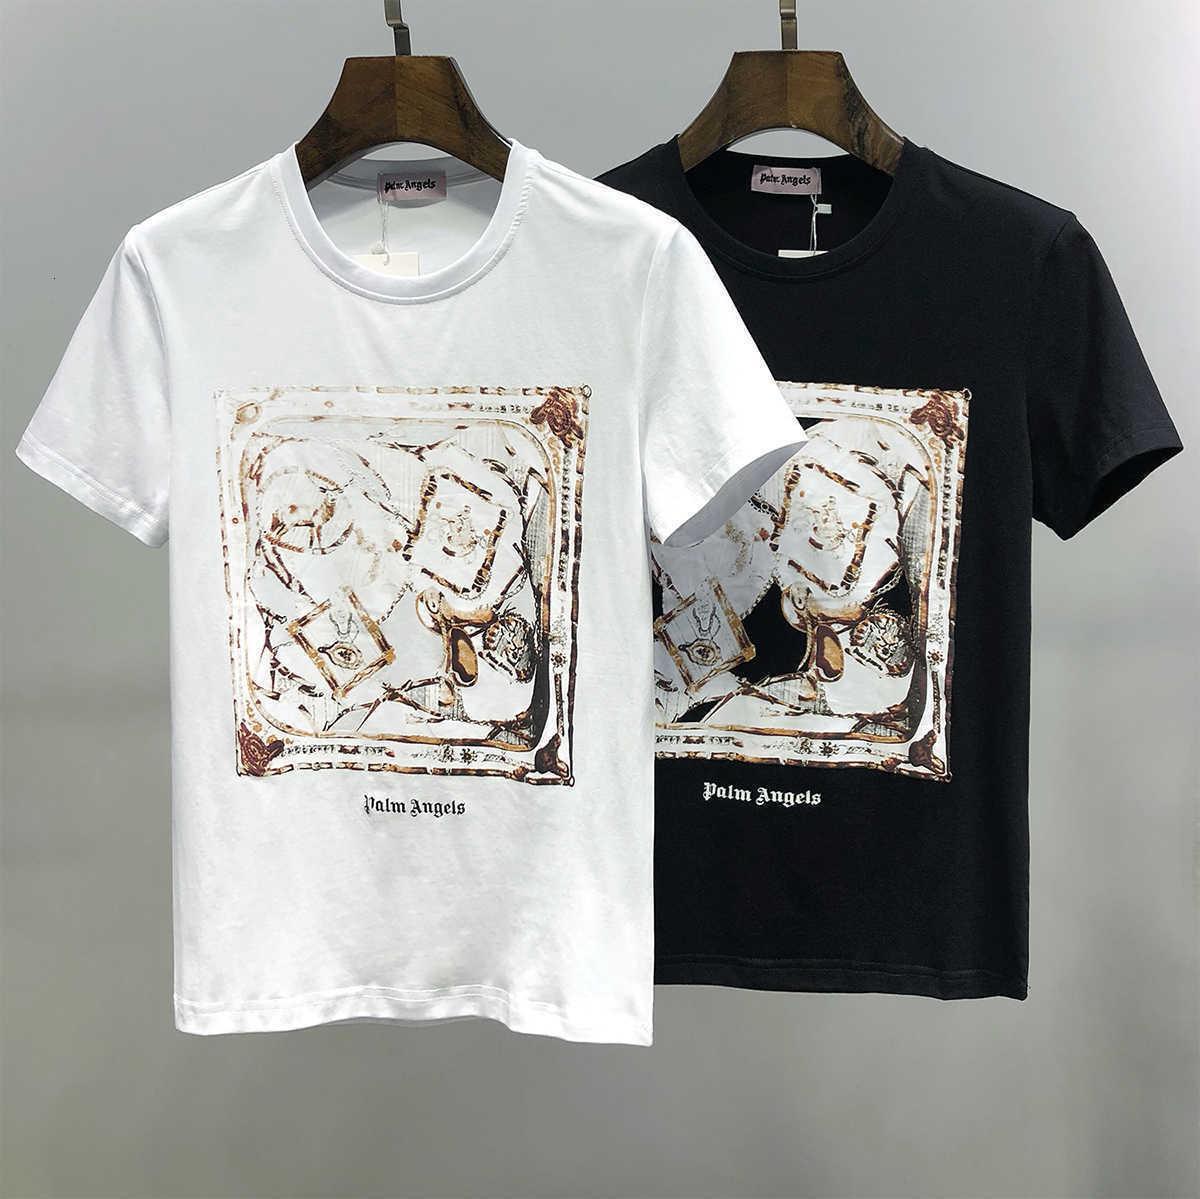 2020 Erkek Stil tişört Gençlik Uzun Kollu Erkekler İnce Baskı Man dibe Serbest Zaman Erkek Giyim 1128